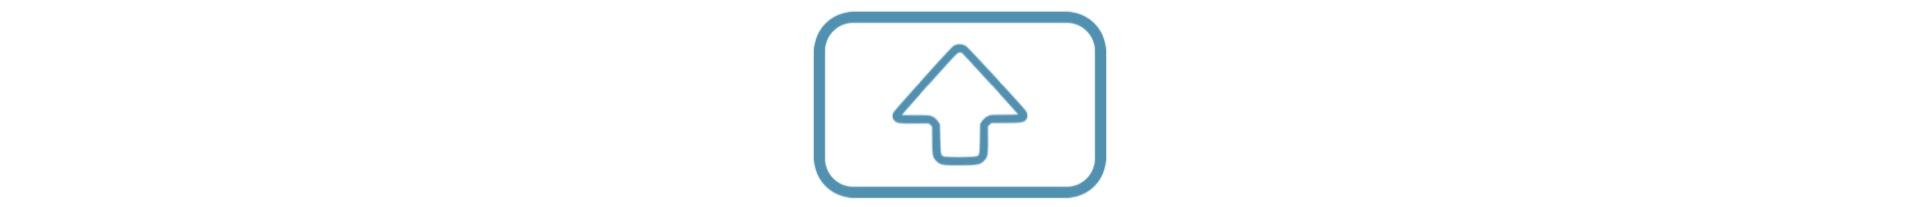 Website+ToTop+Arrow.jpg